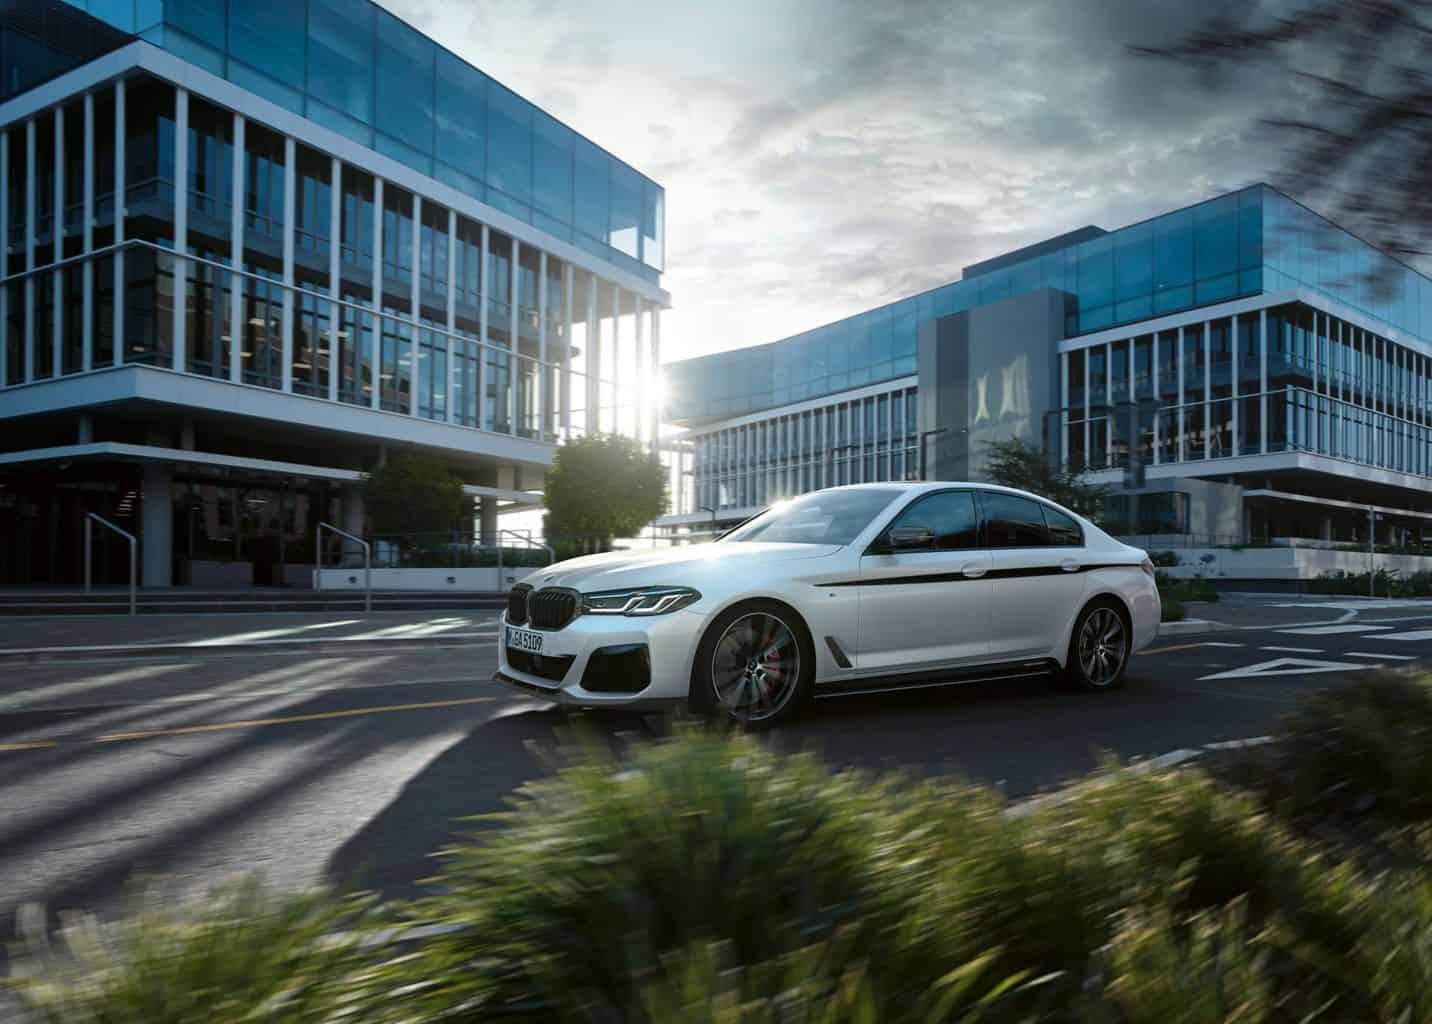 BMW X1 und BMW 5er Baureihe kommen vollelektrisch auf die Straße